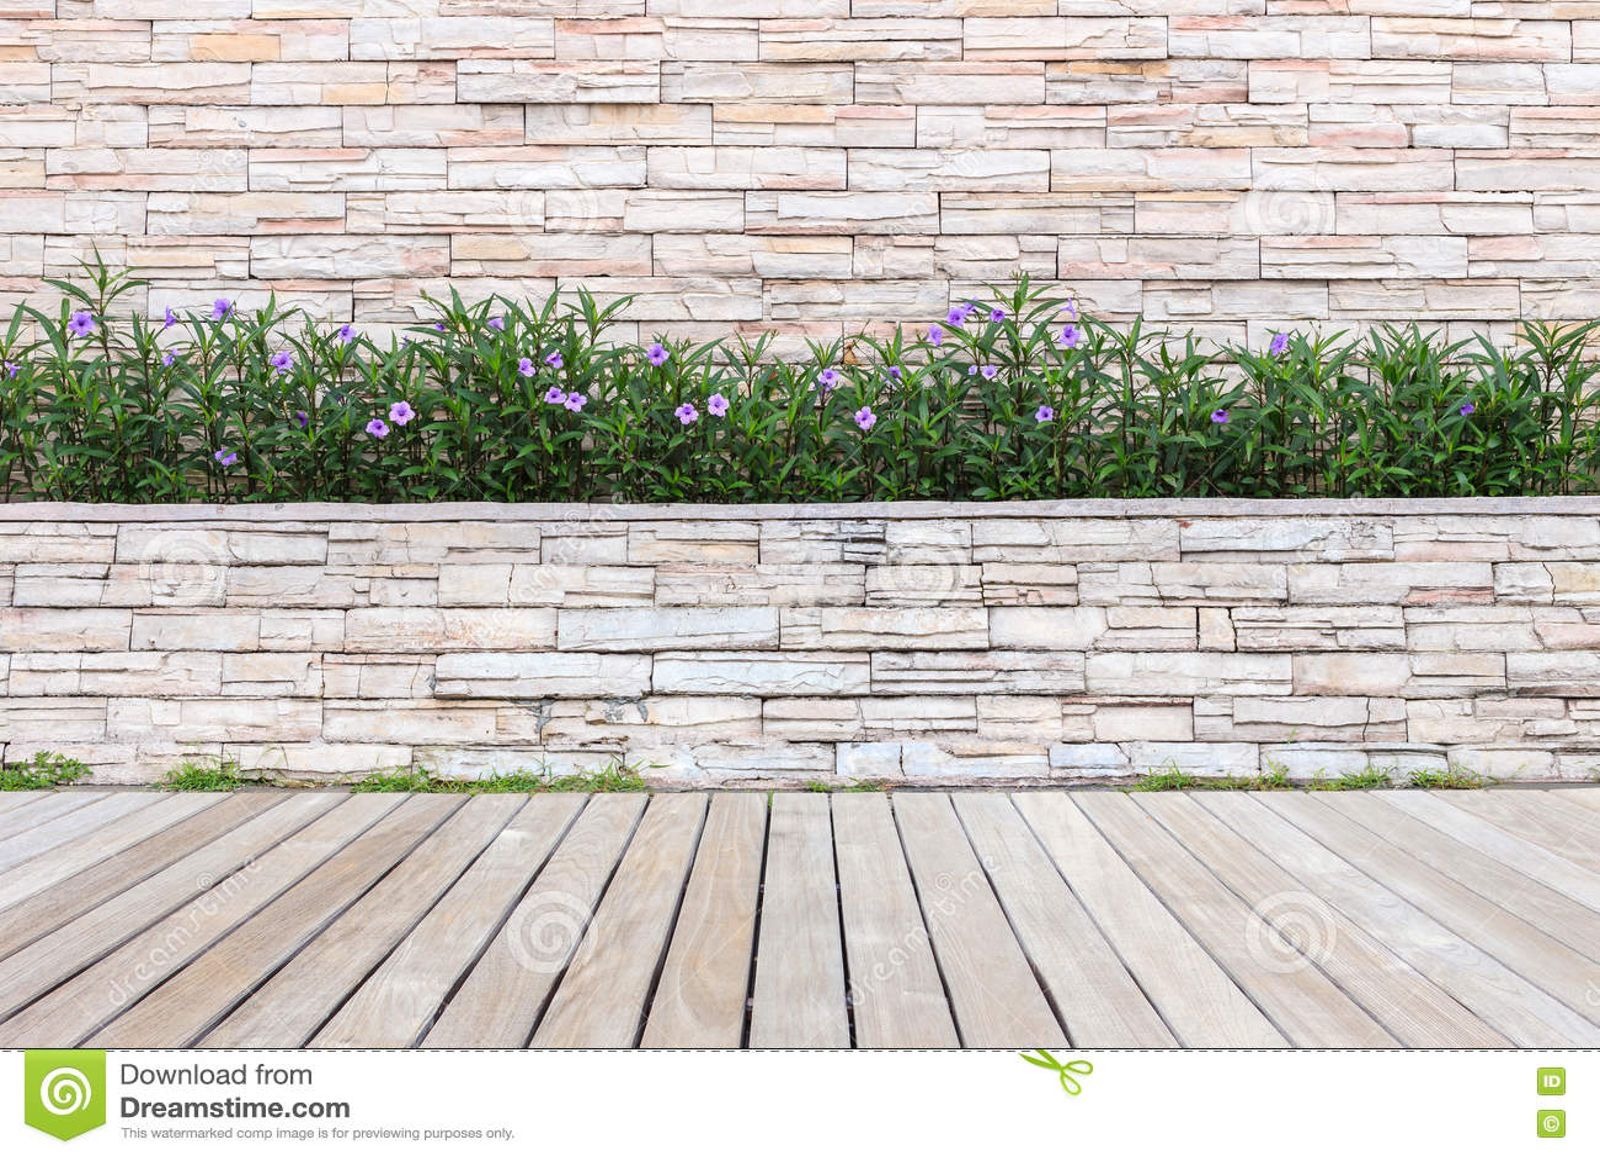 Decking o suelo y planta de madera en el jardín decorativo